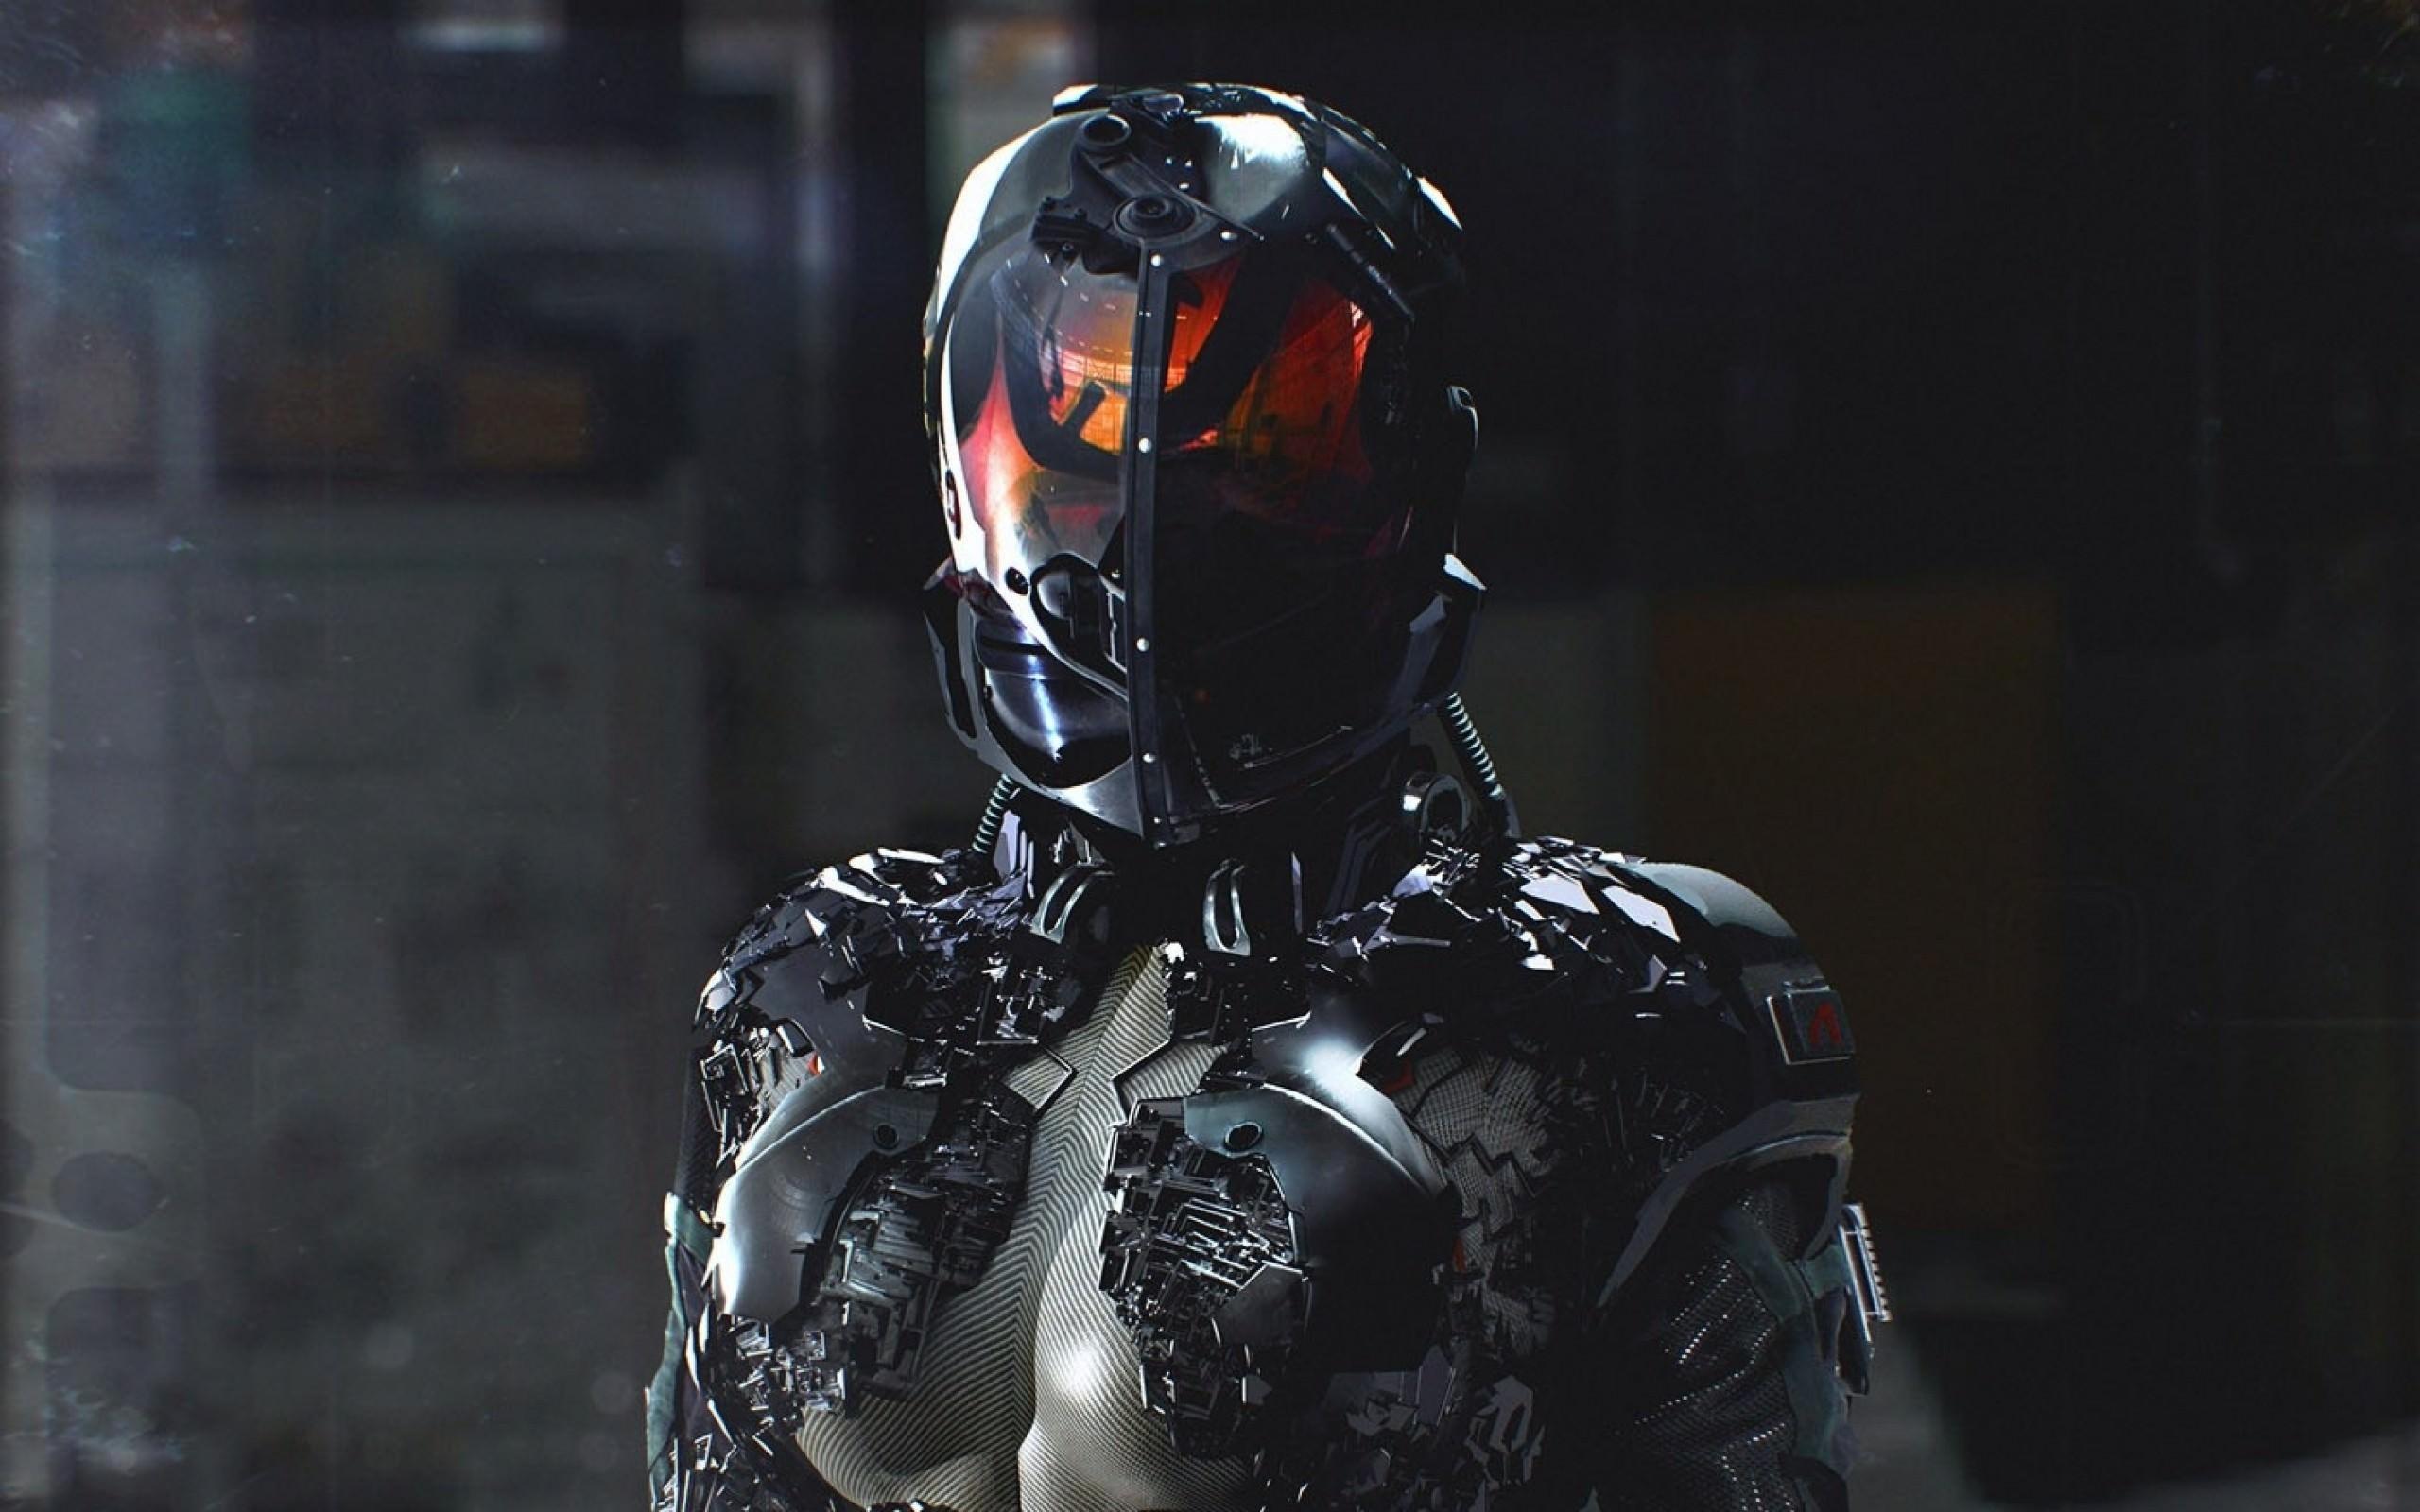 Armoured Suit Sci-fi Wallpaper